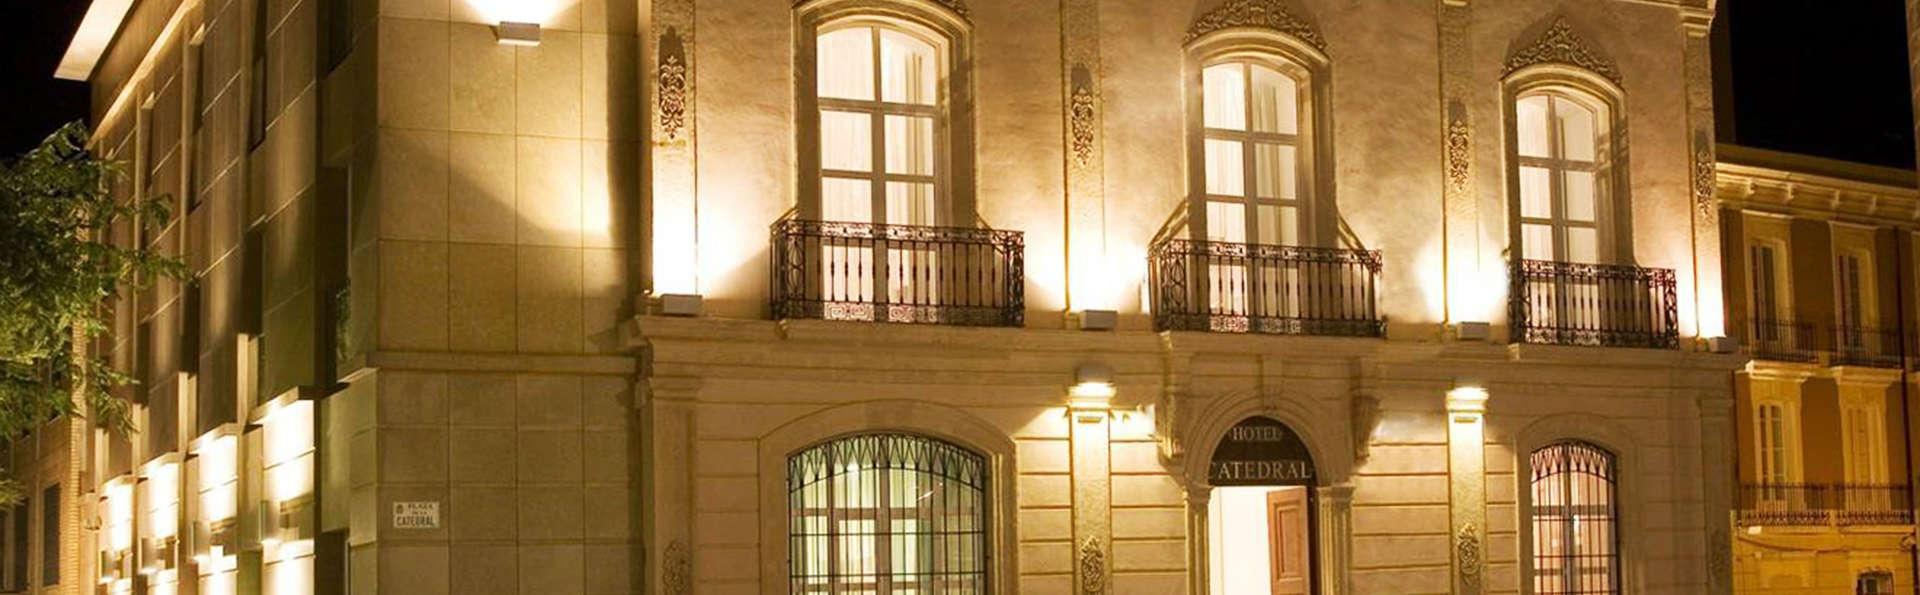 Hotel Catedral Almería - EDIT_front.jpg